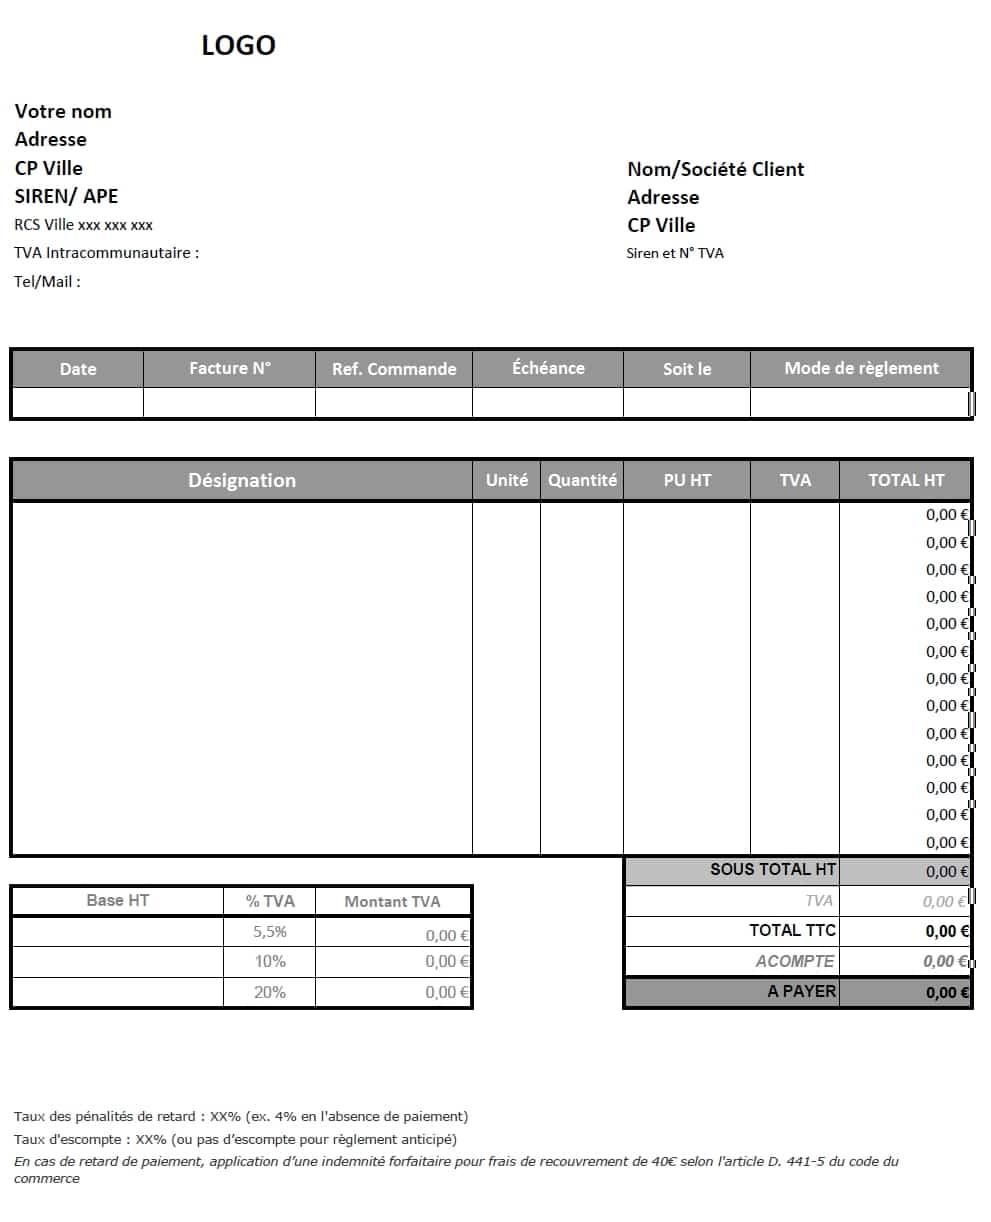 Information facture : l'intérêt des modèles de facture